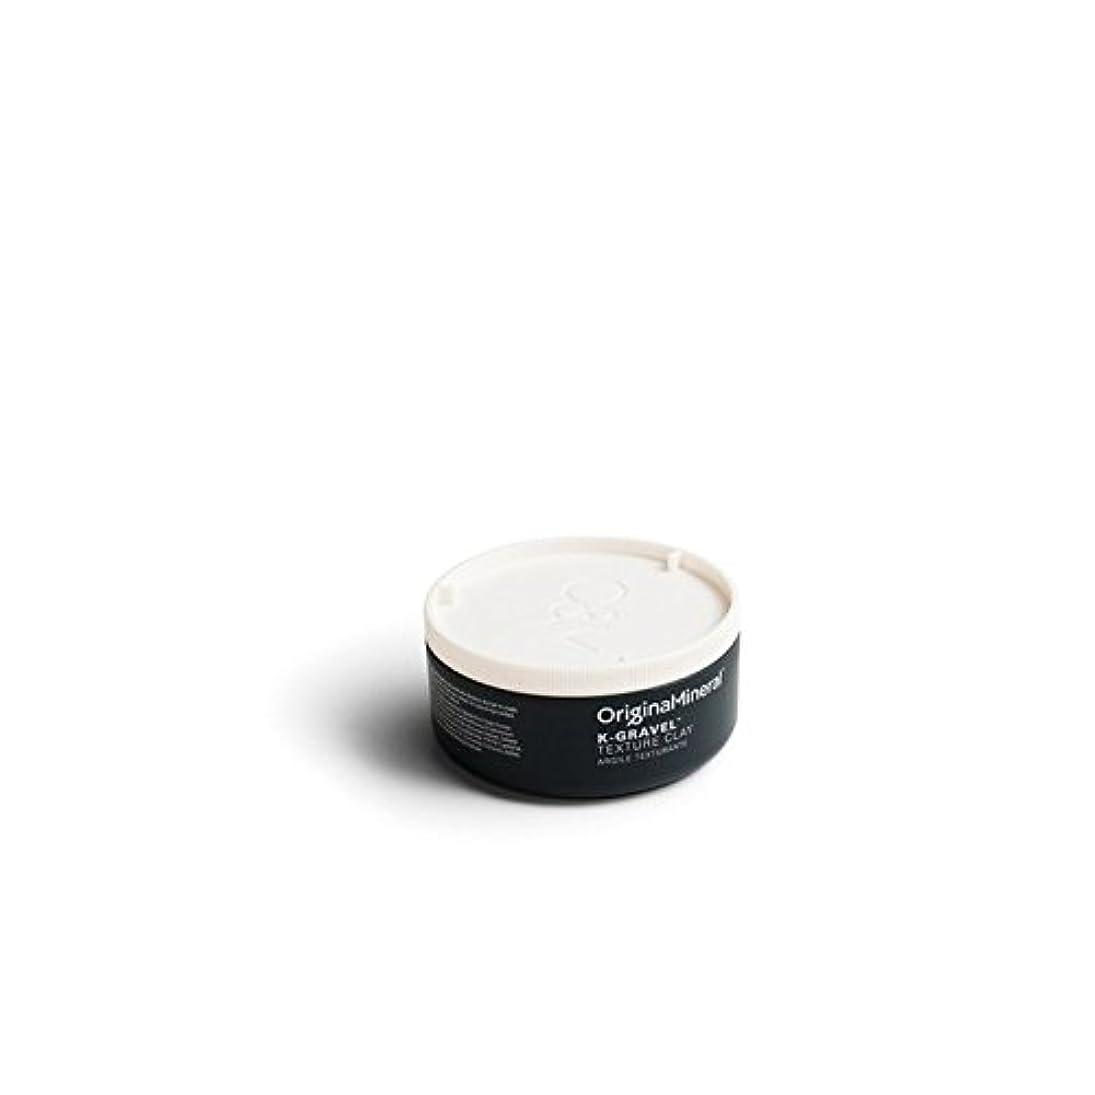 コース健全決済[Original & Mineral] オリジナル&ミネラルK-砂利テクスチャ粘土(100グラム) - Original & Mineral K-Gravel Texture Clay (100g) [並行輸入品]